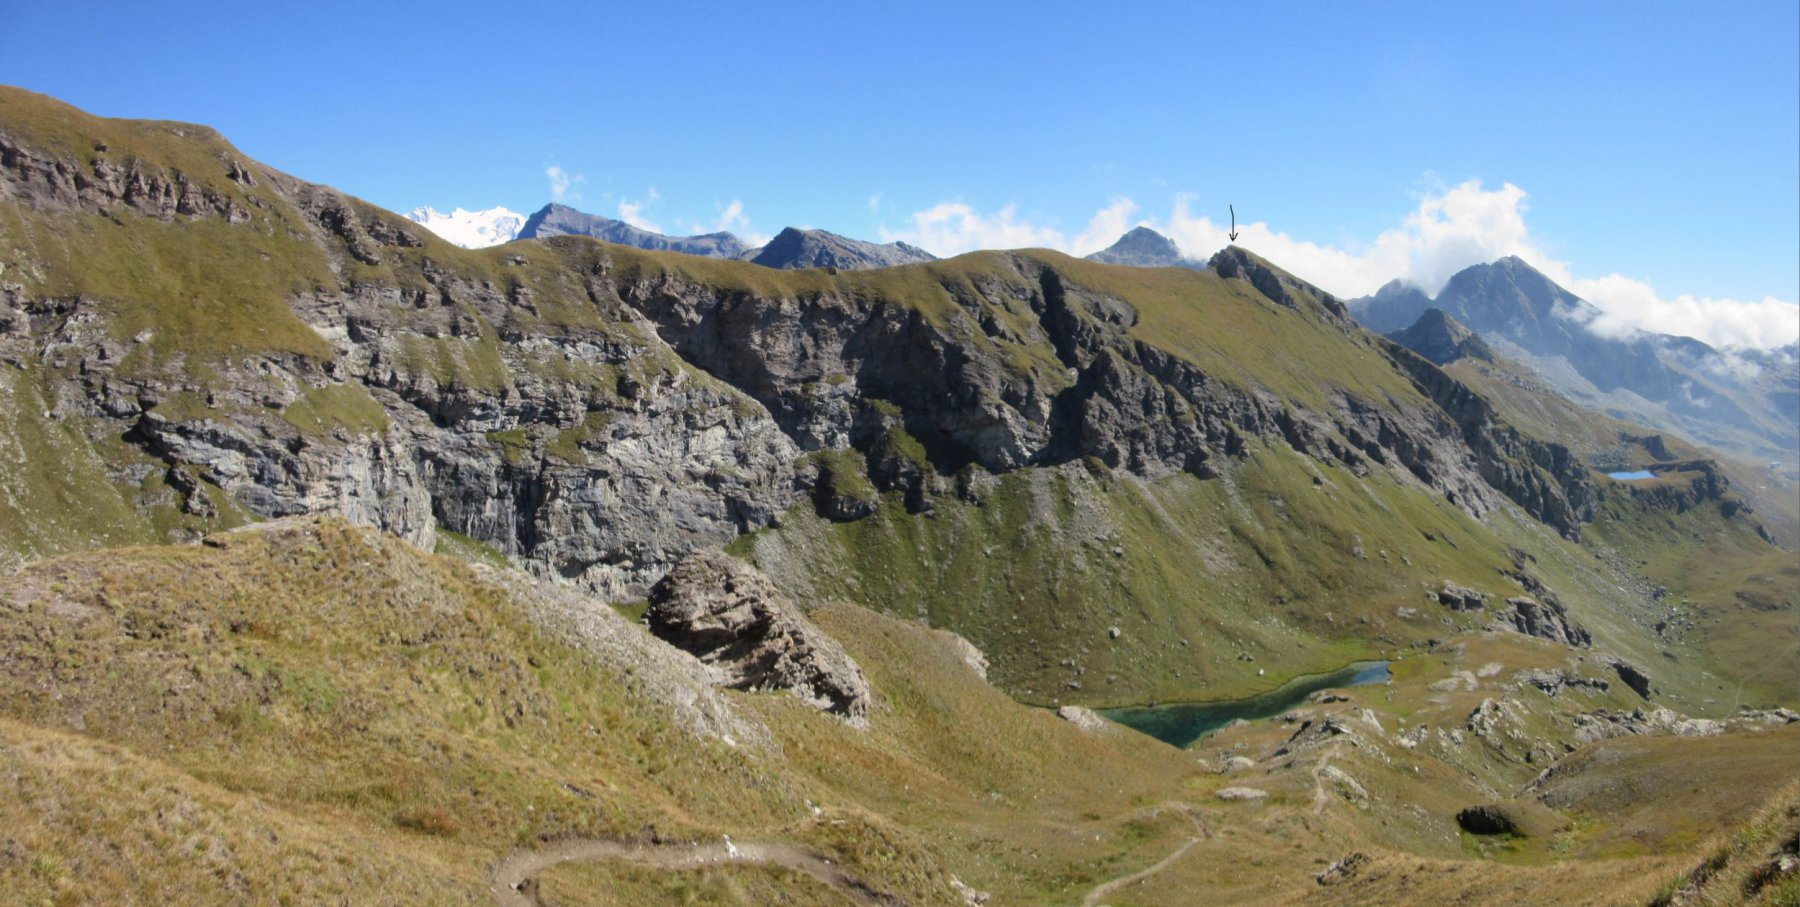 La punta del Lago (vedi freccia)  e la cresta da percorrere da Corno Bussola